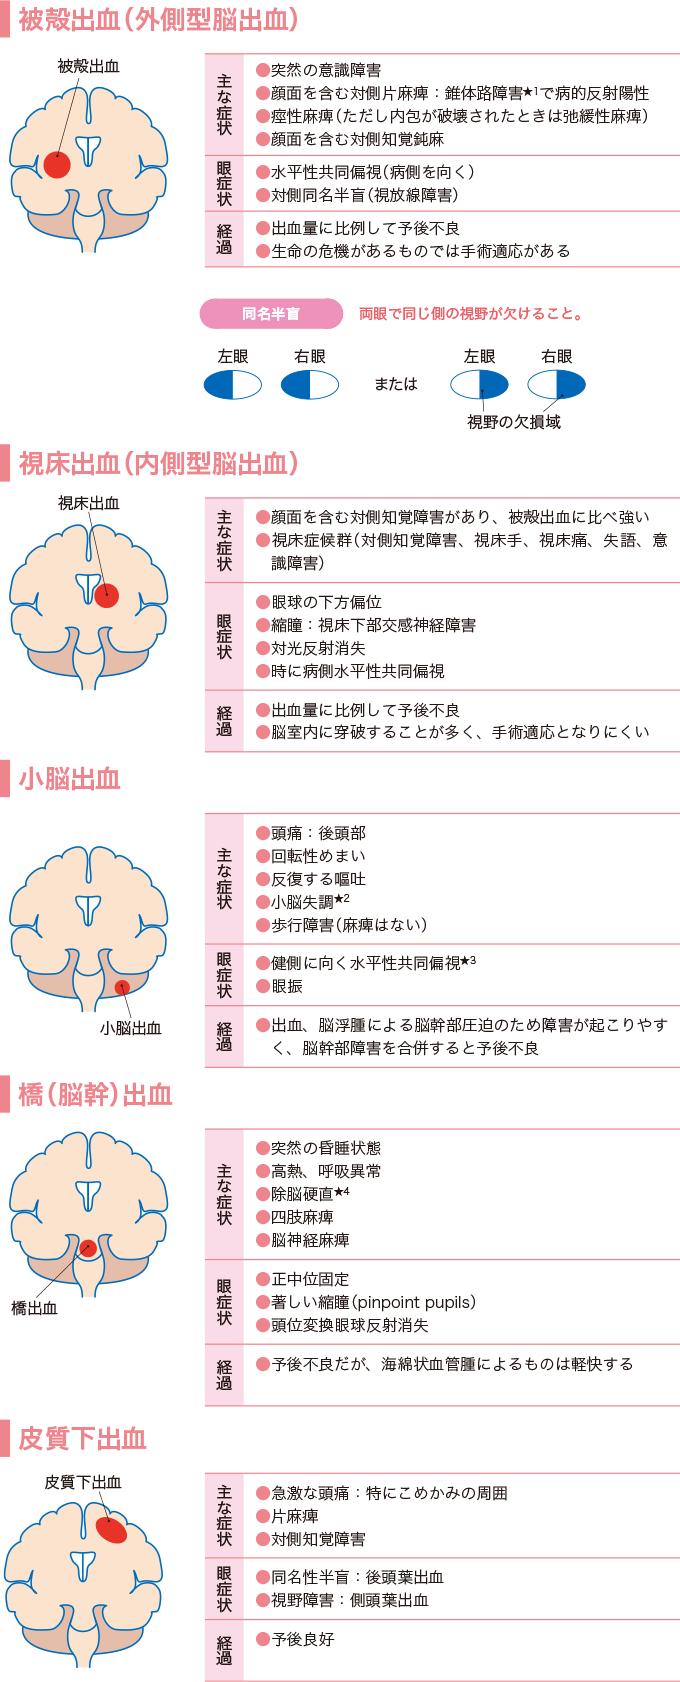 図2脳出血の種類